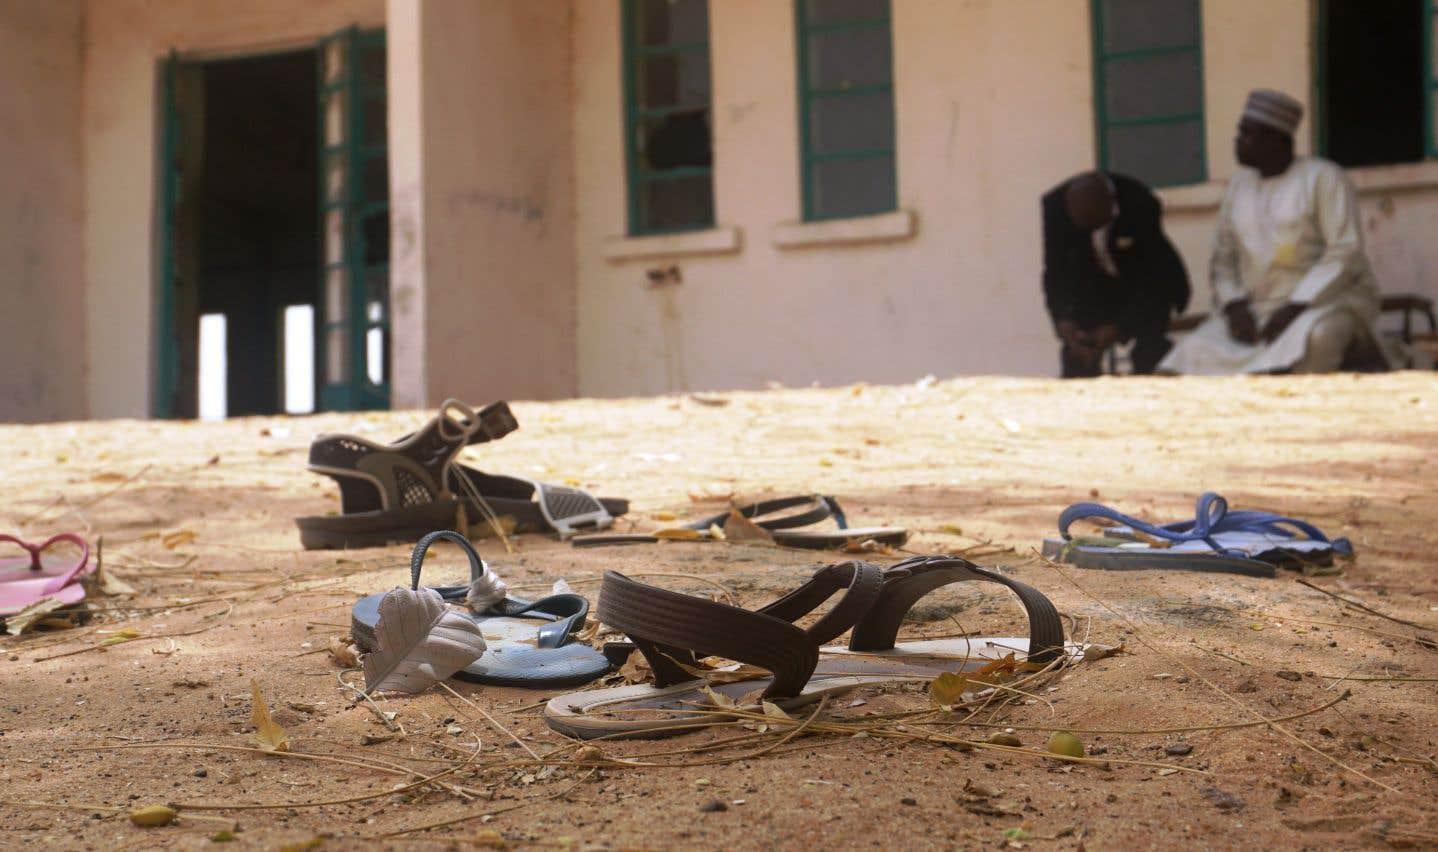 Plusieurs jours après les faits, les autorités ne s'accordent toujours pas sur le nombre de filles disparues ni ce qui leur est arrivé ensuite.